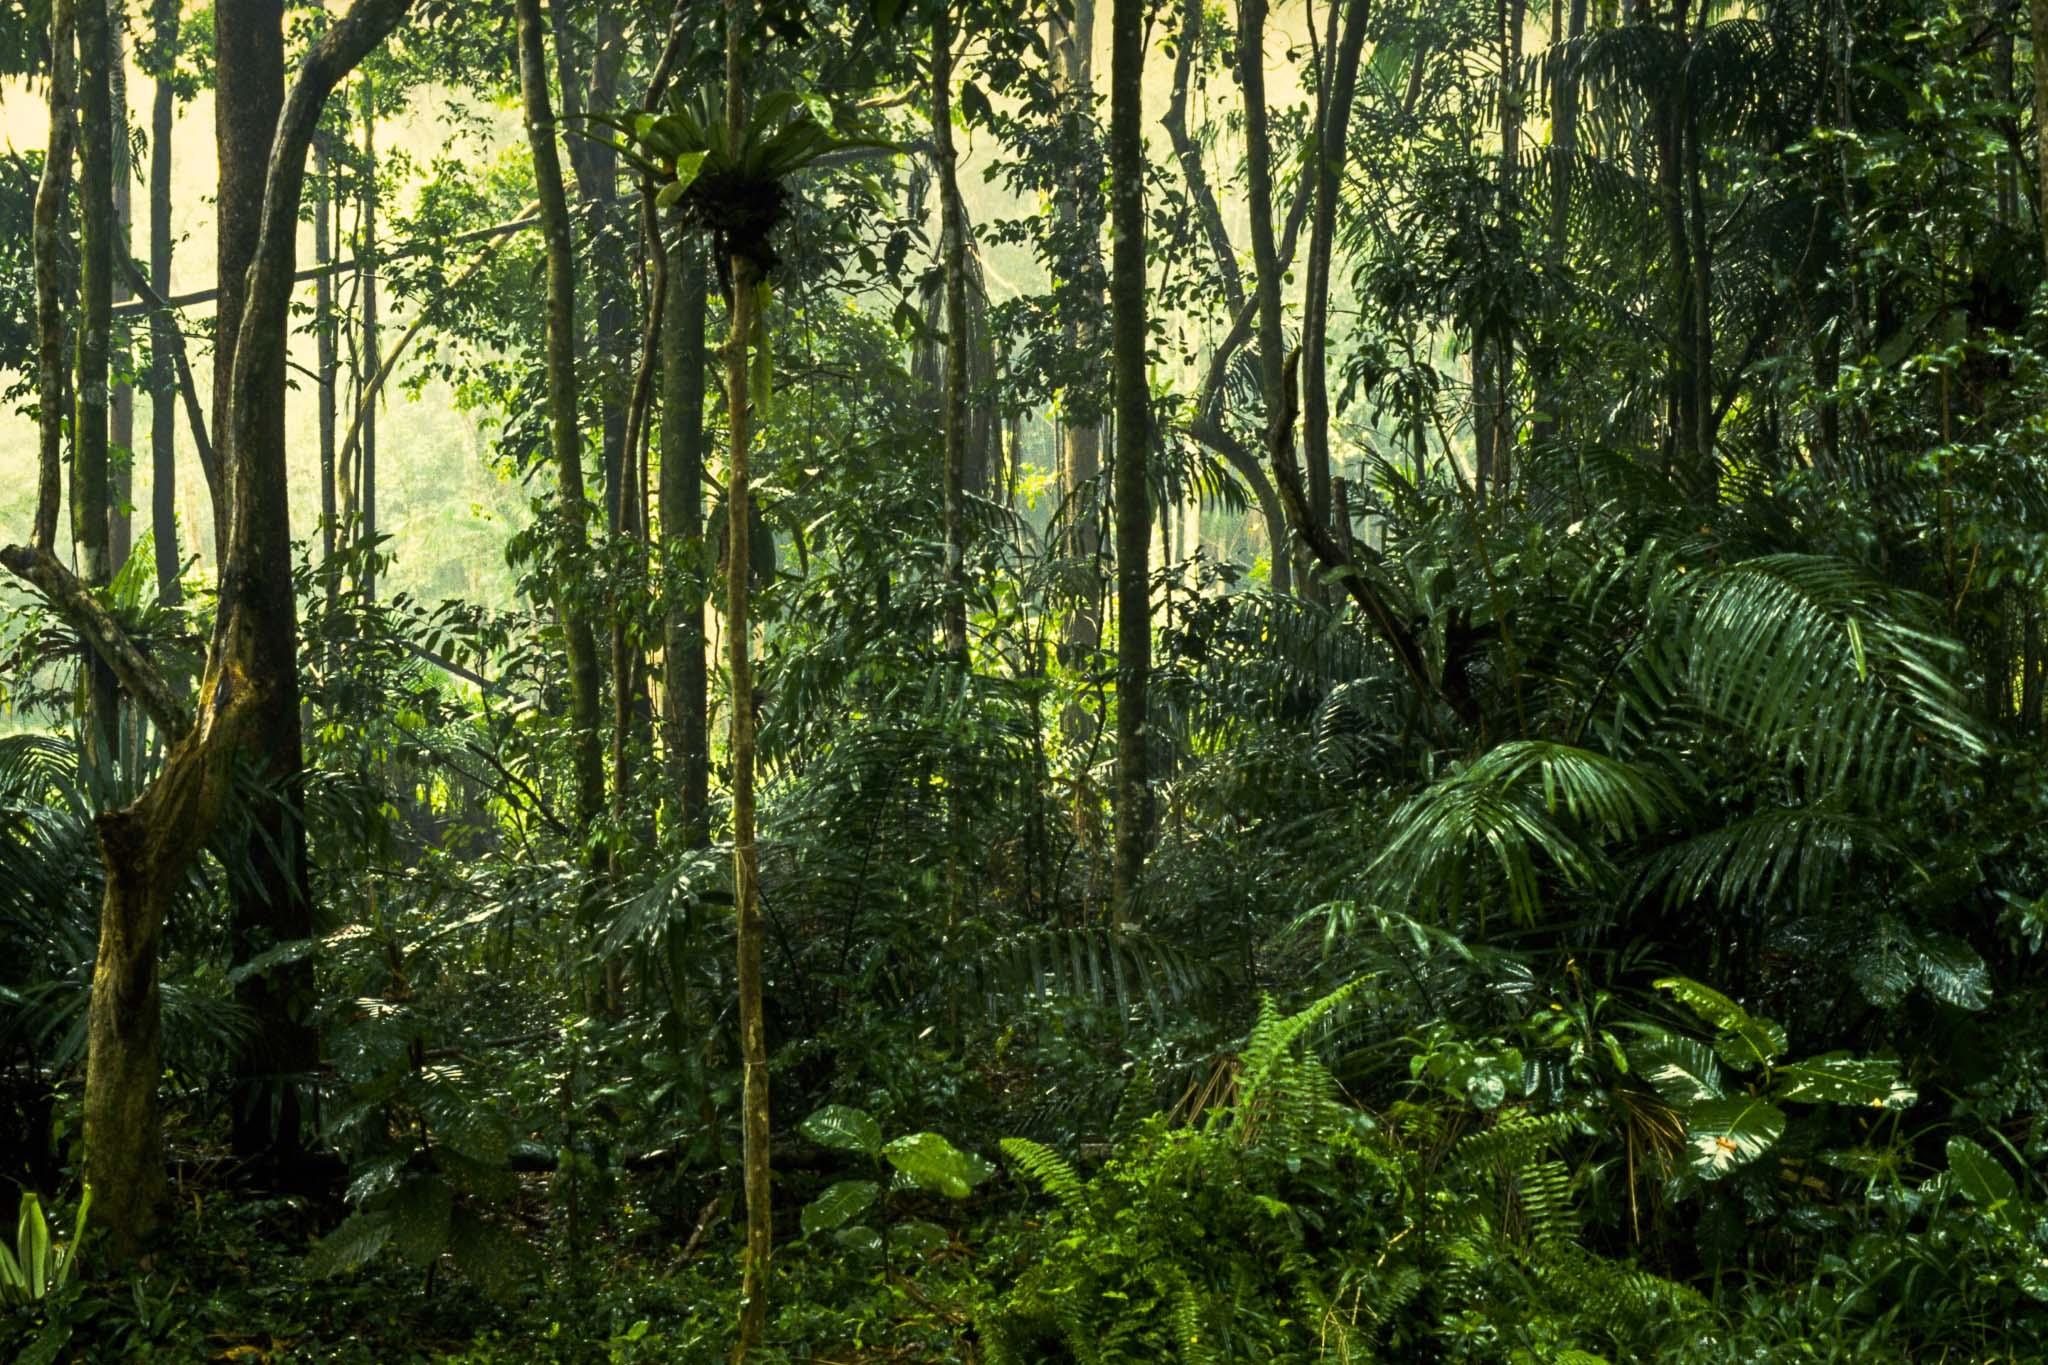 planter og træer